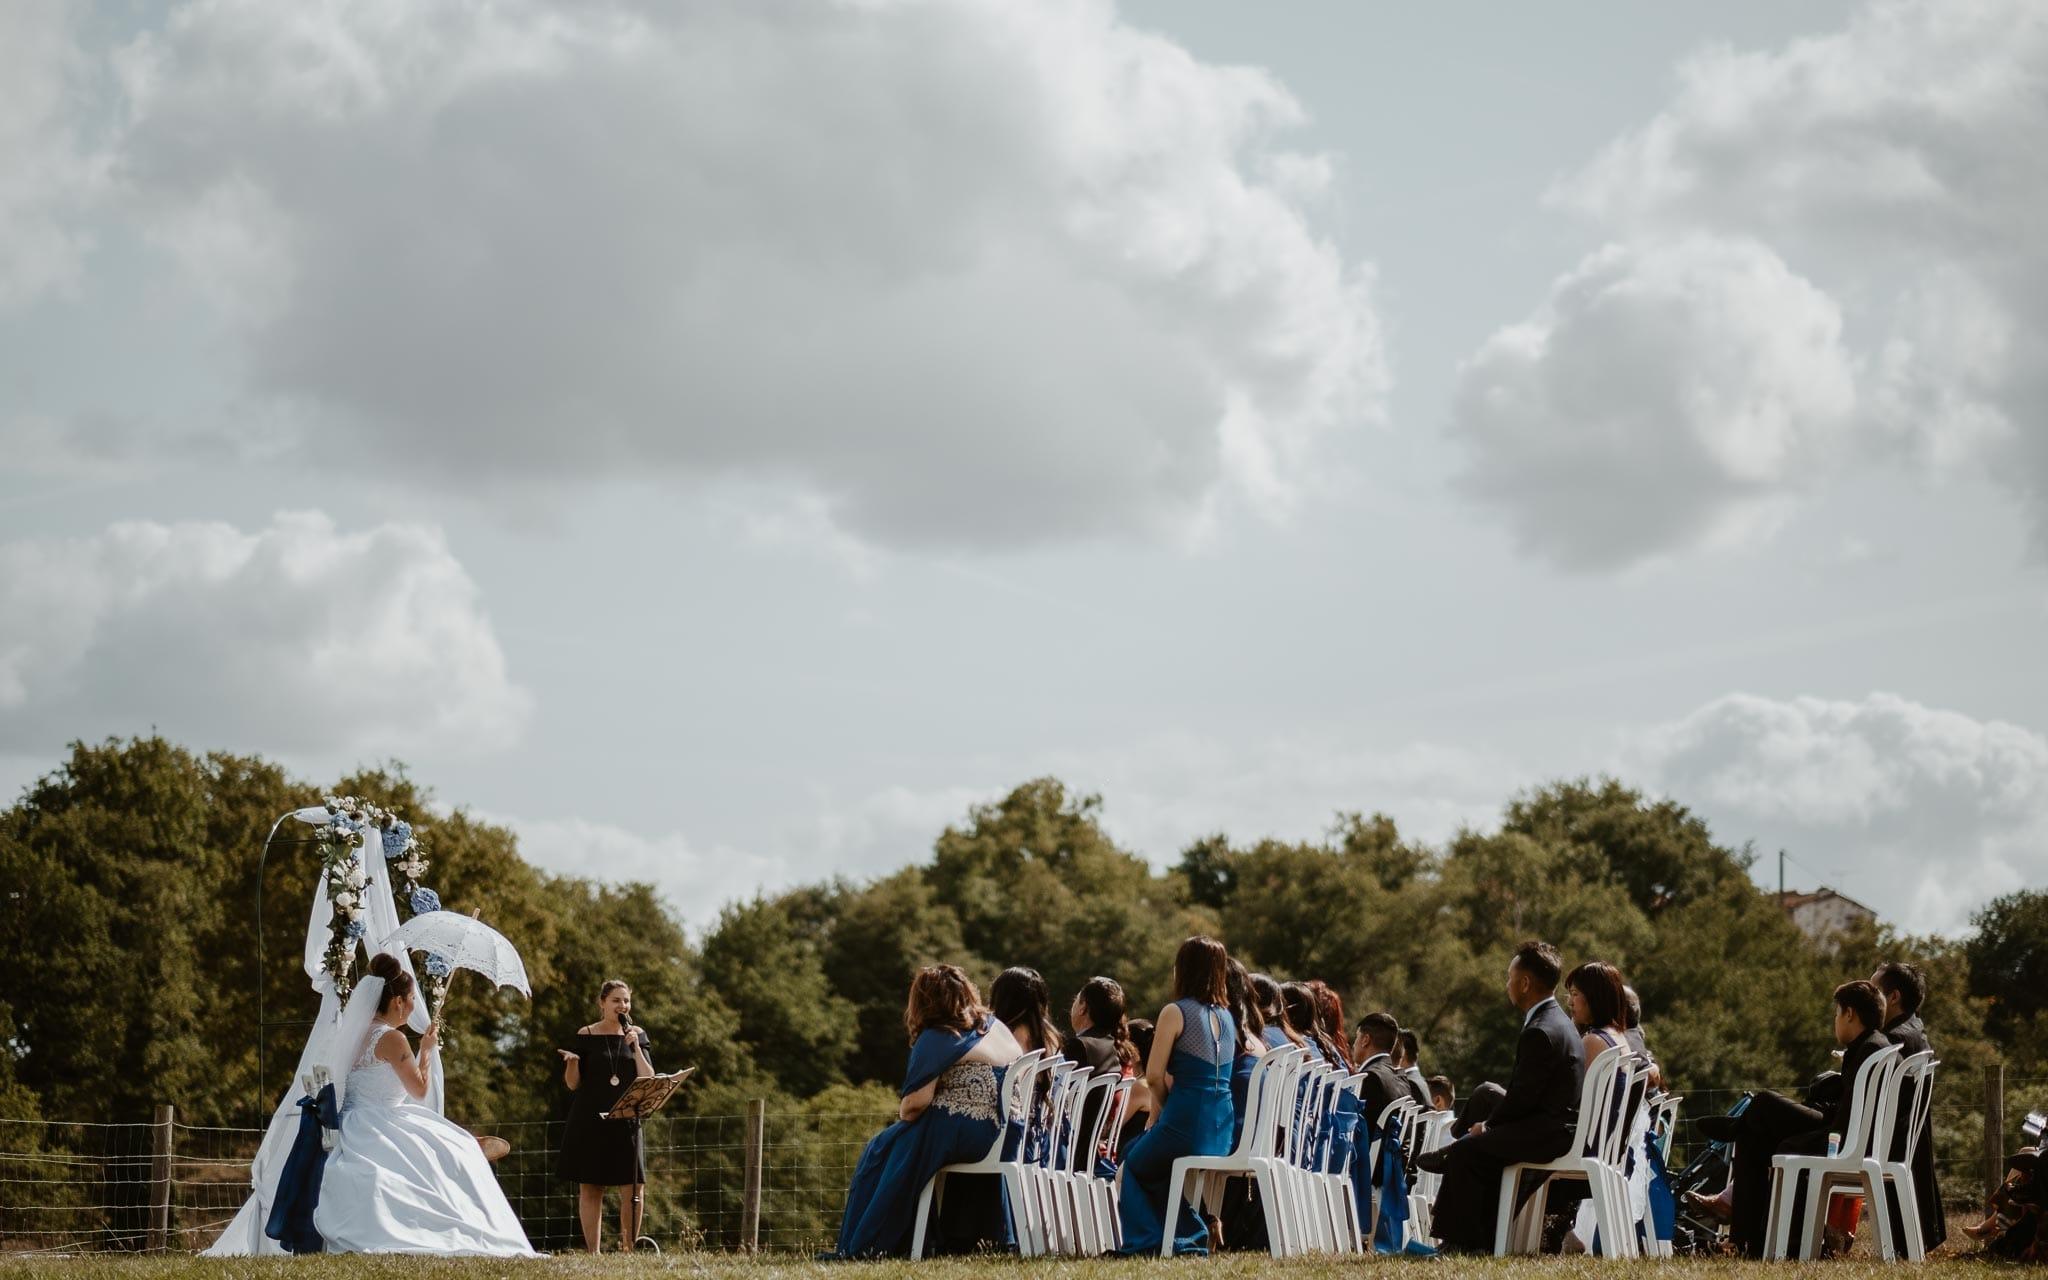 photographies d'un mariage multi-culturel asiatique américain en Vendée